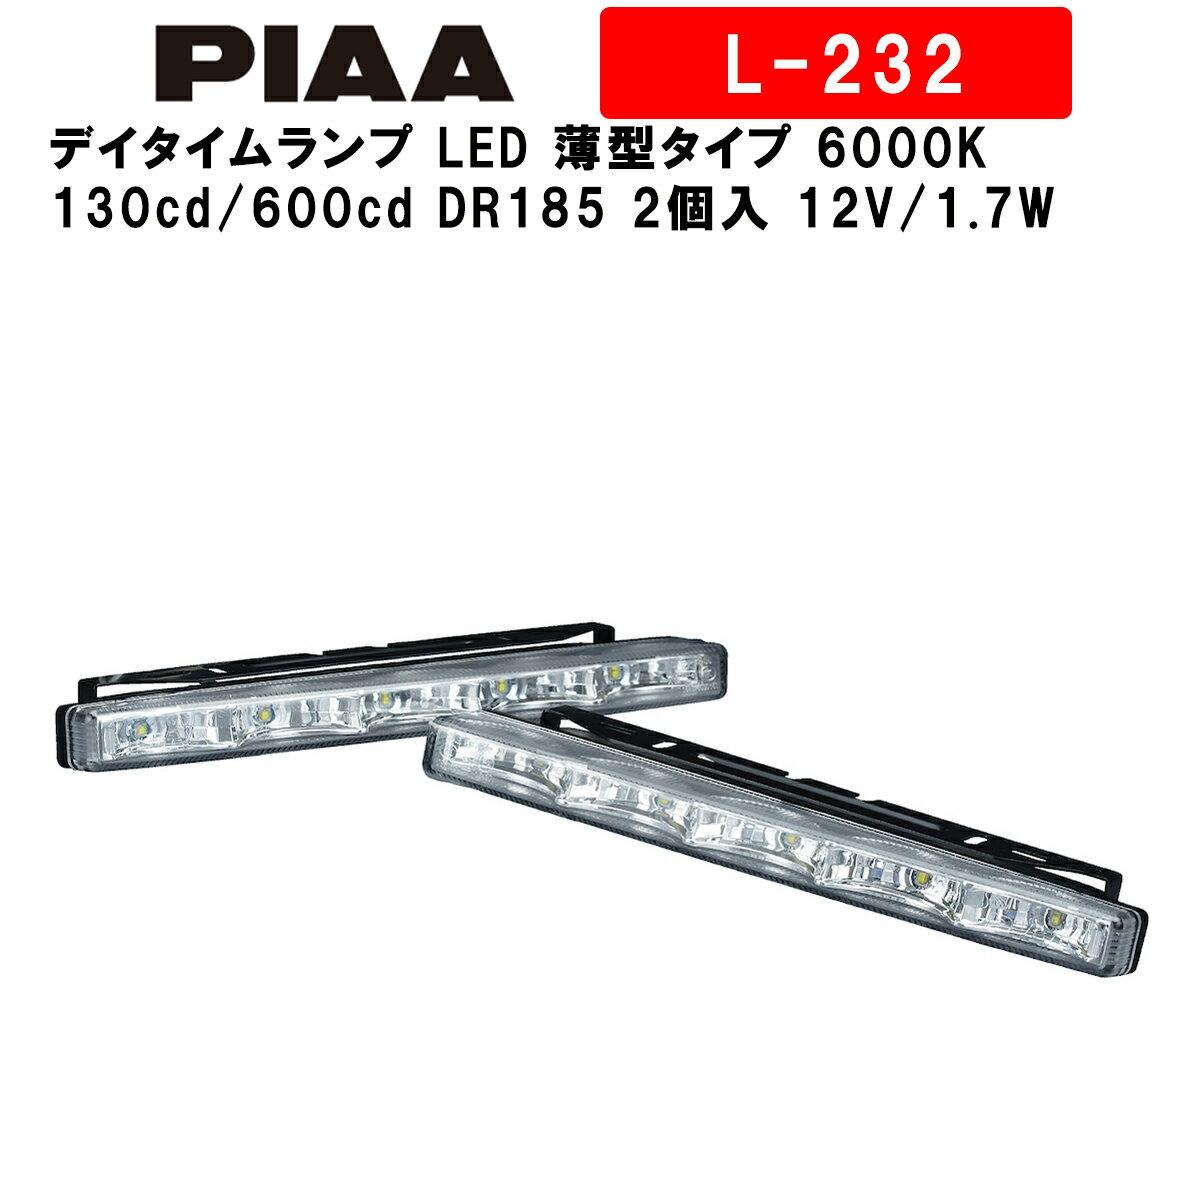 ライト・ランプ, フォグランプ・デイランプ PIAA LED 6000K 130cd600cd DR185 2 12V1.7W R7R87 L-232